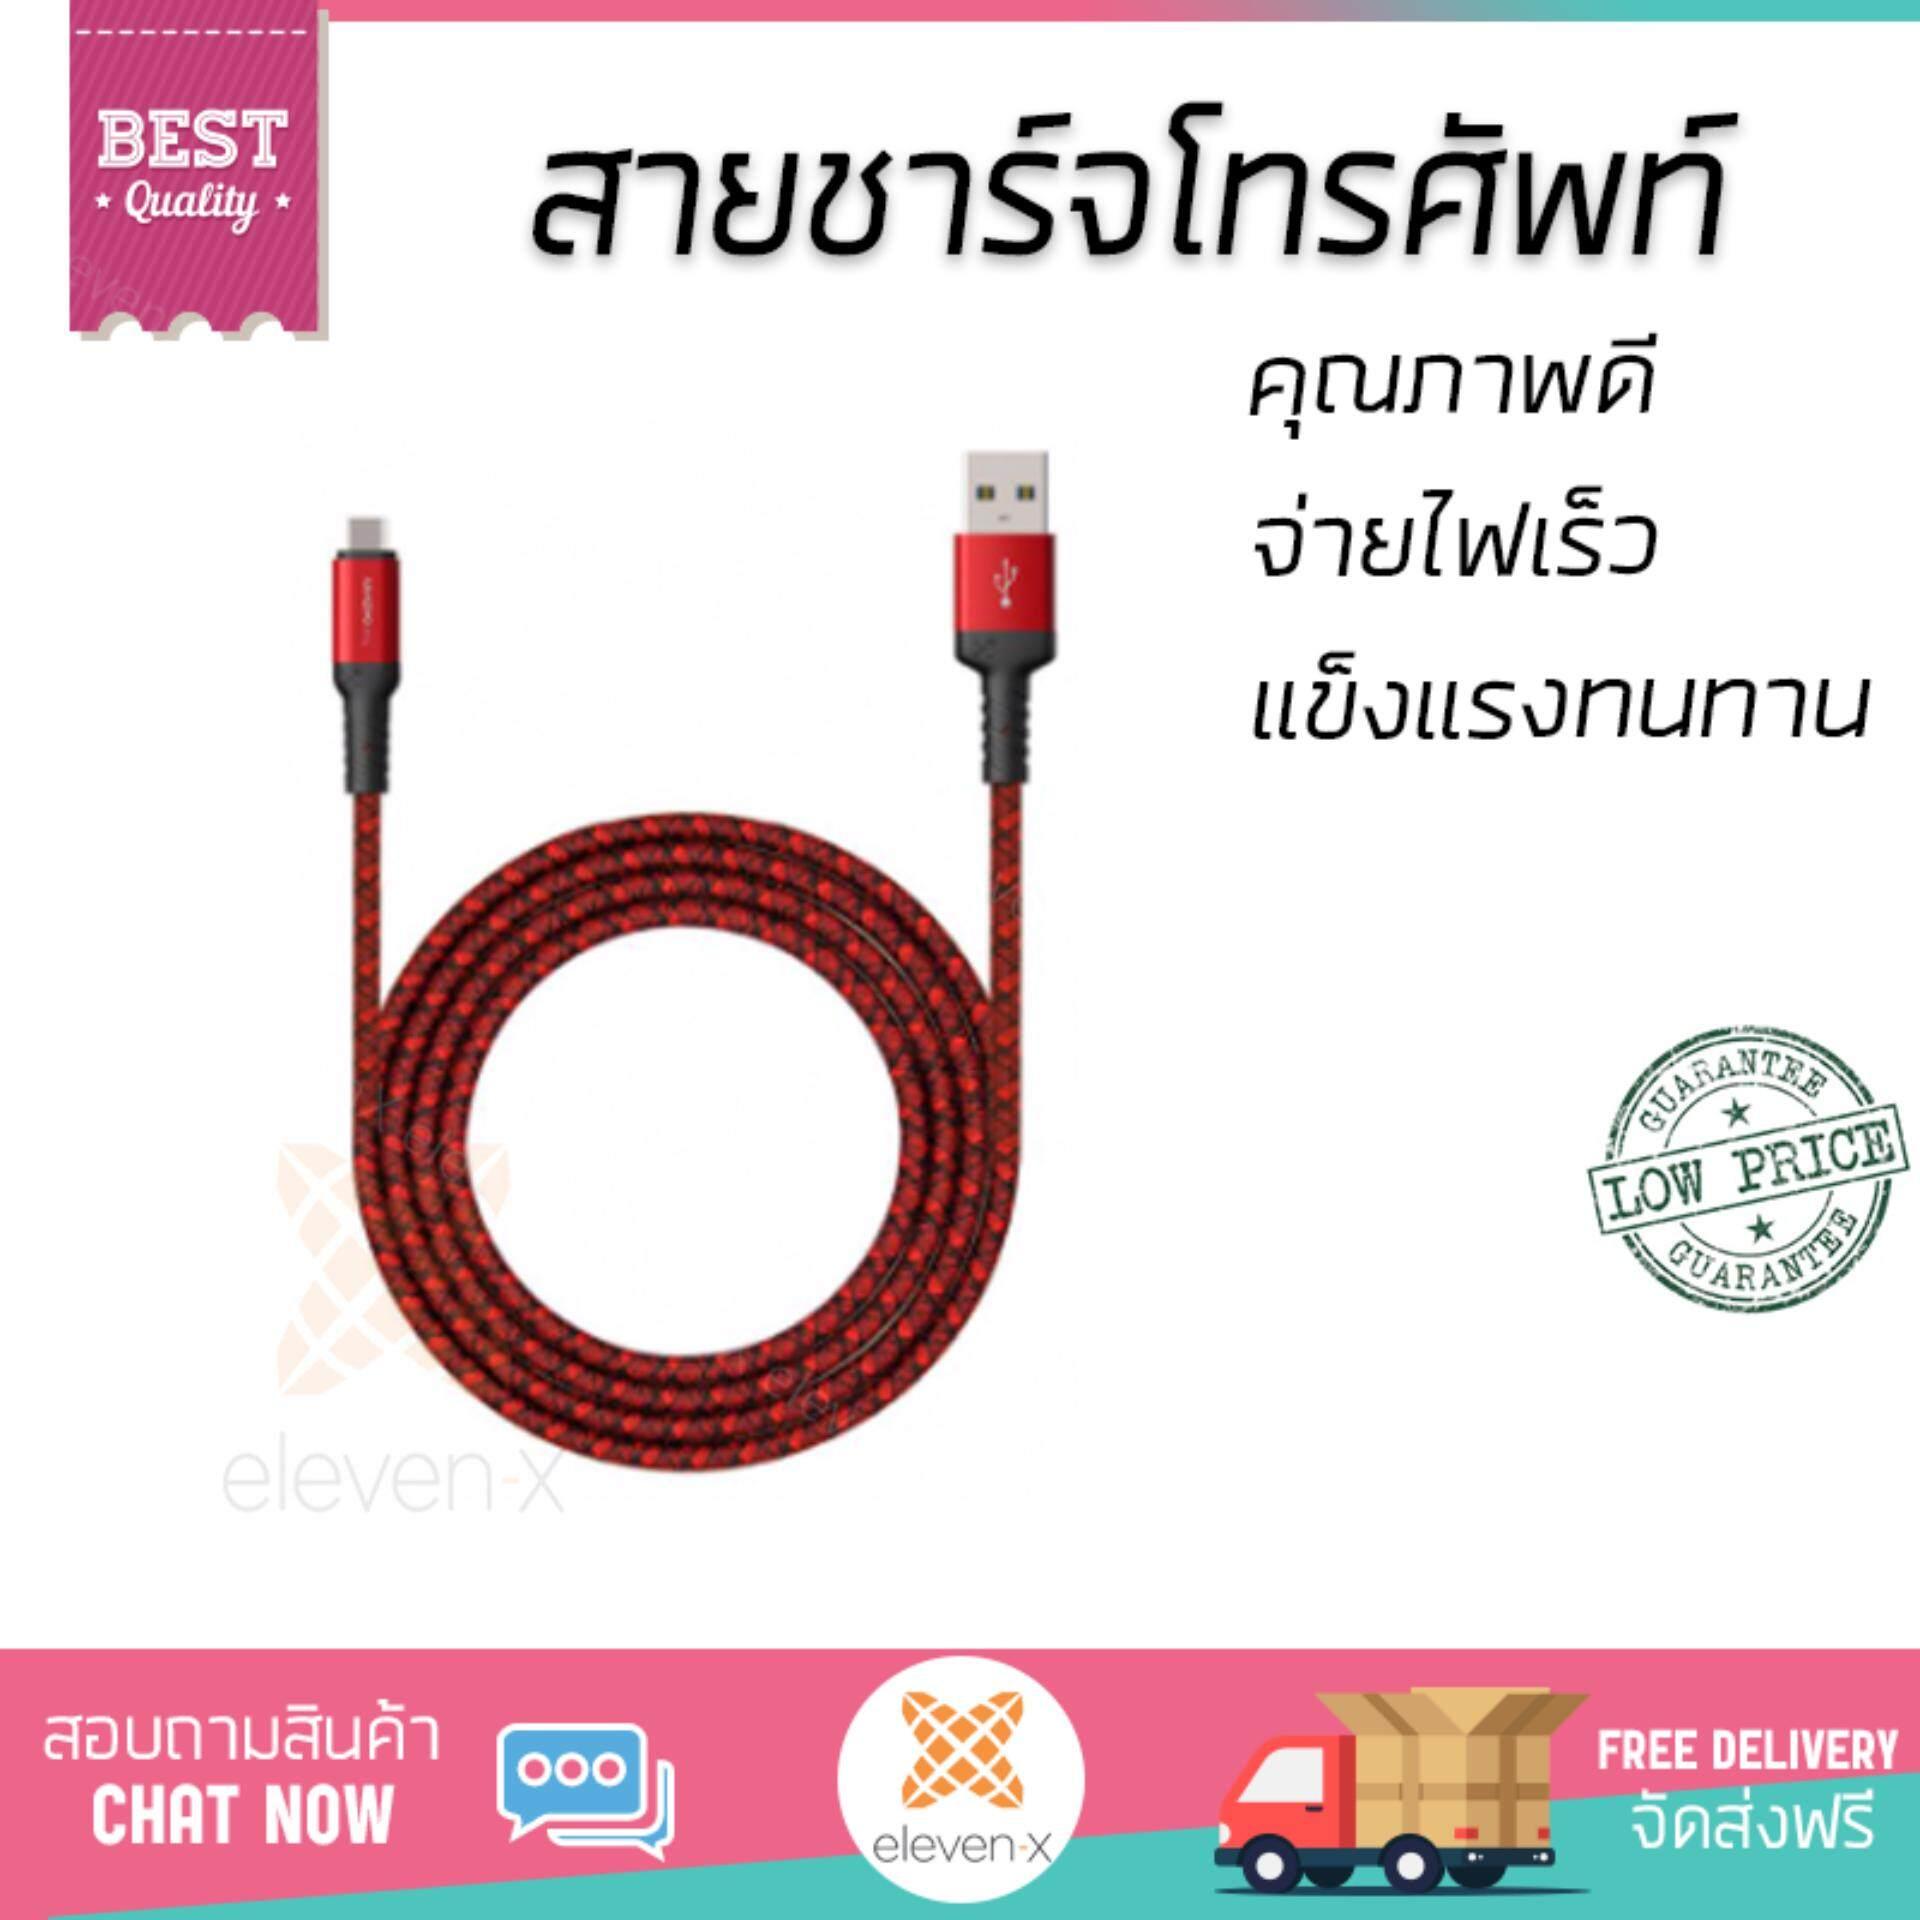 ราคาพิเศษ รุ่นยอดนิยม สายชาร์จโทรศัพท์ AMAZINGthing USB-A to USB-C Cable SupremeLink Bullet Shield 1.2M. Red สายชาร์จทนทาน แข็งแรง จ่ายไฟเร็ว Mobile Cable จัดส่งฟรี Kerry ทั่วประเทศ